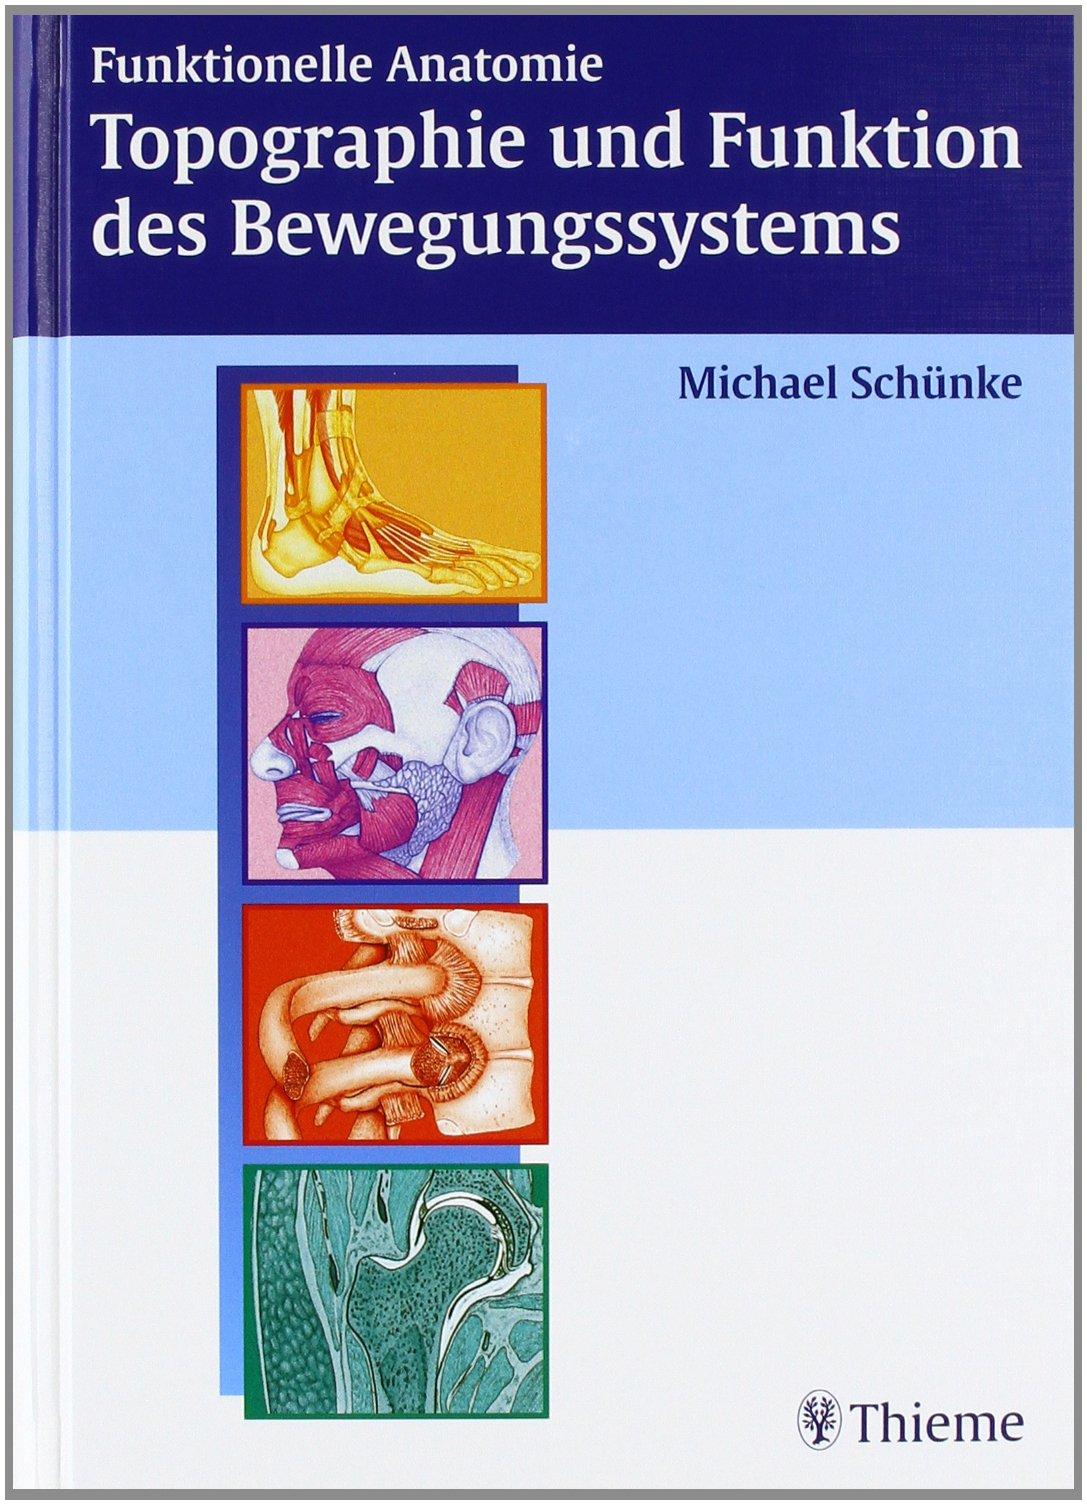 Charmant Anatomie Bedingungen überlegen Fotos - Physiologie Von ...